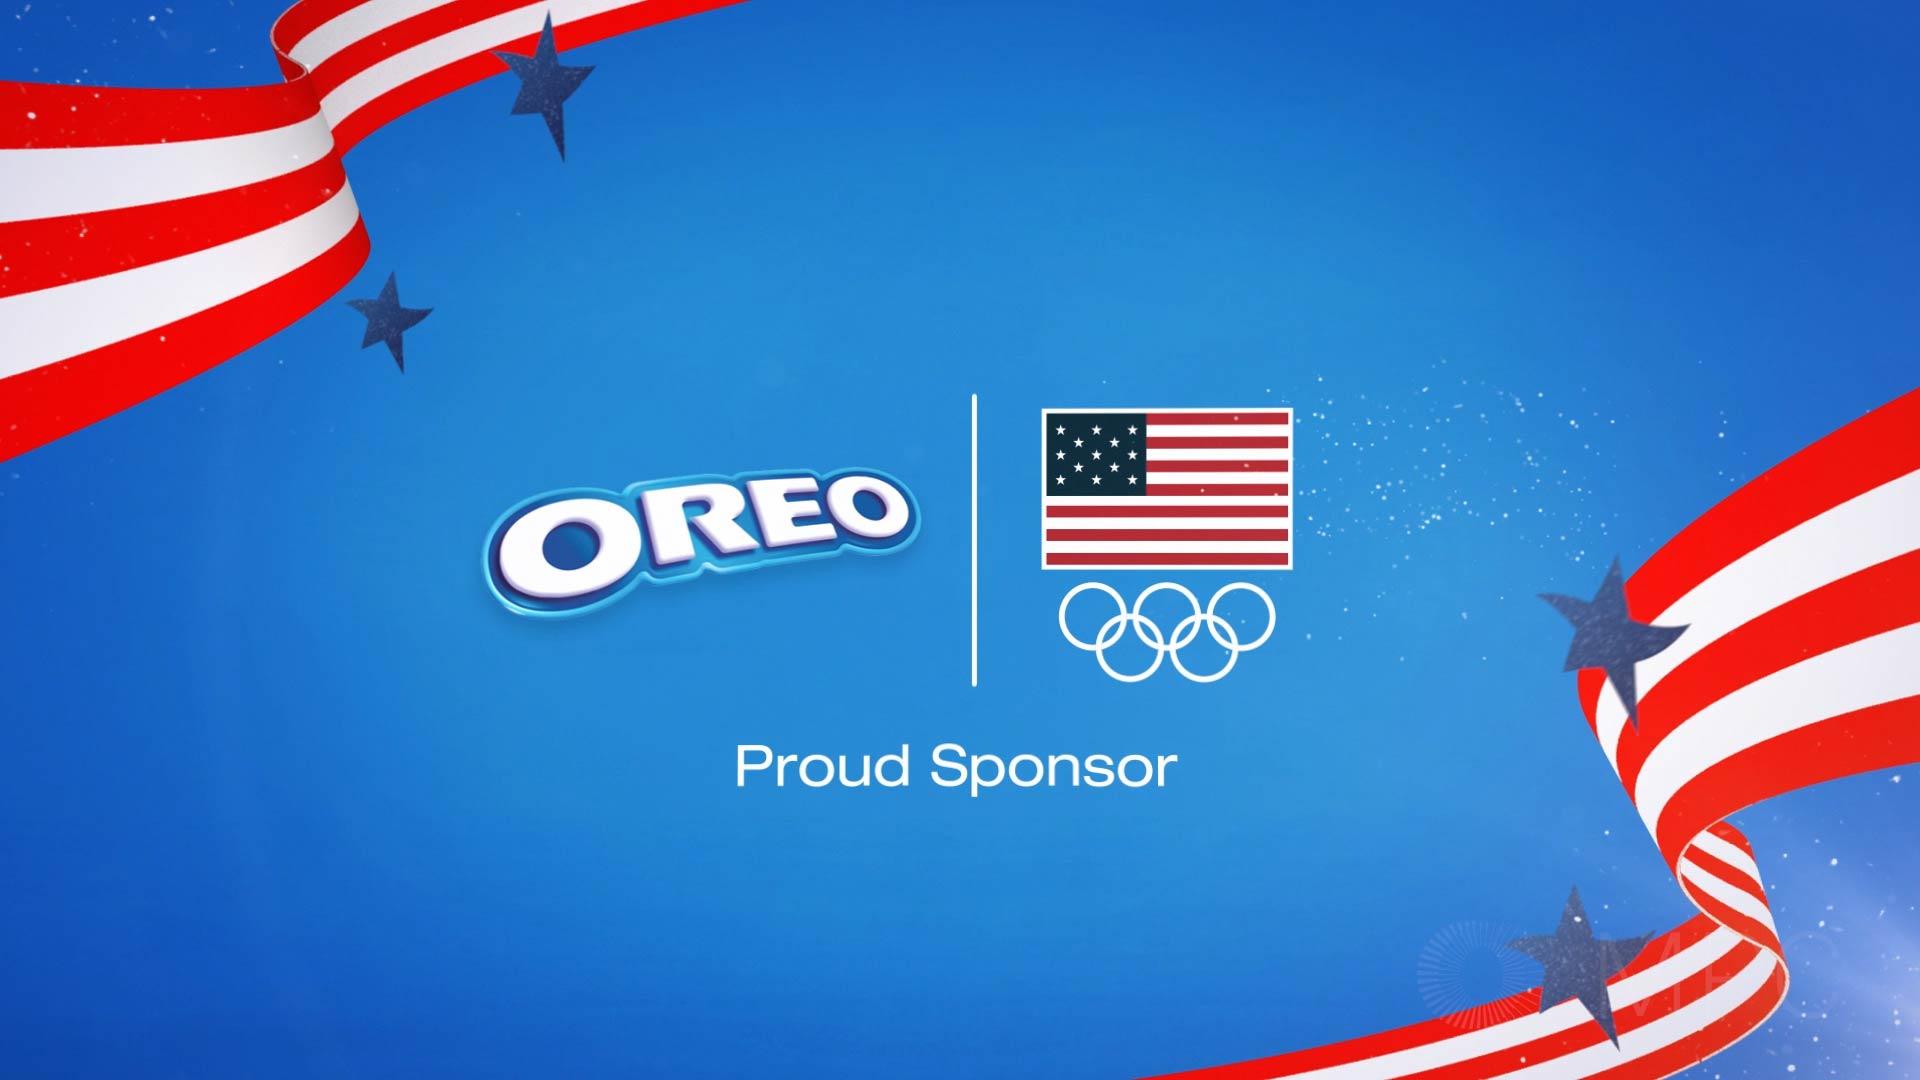 OREO_OLYMPICS_07.jpg